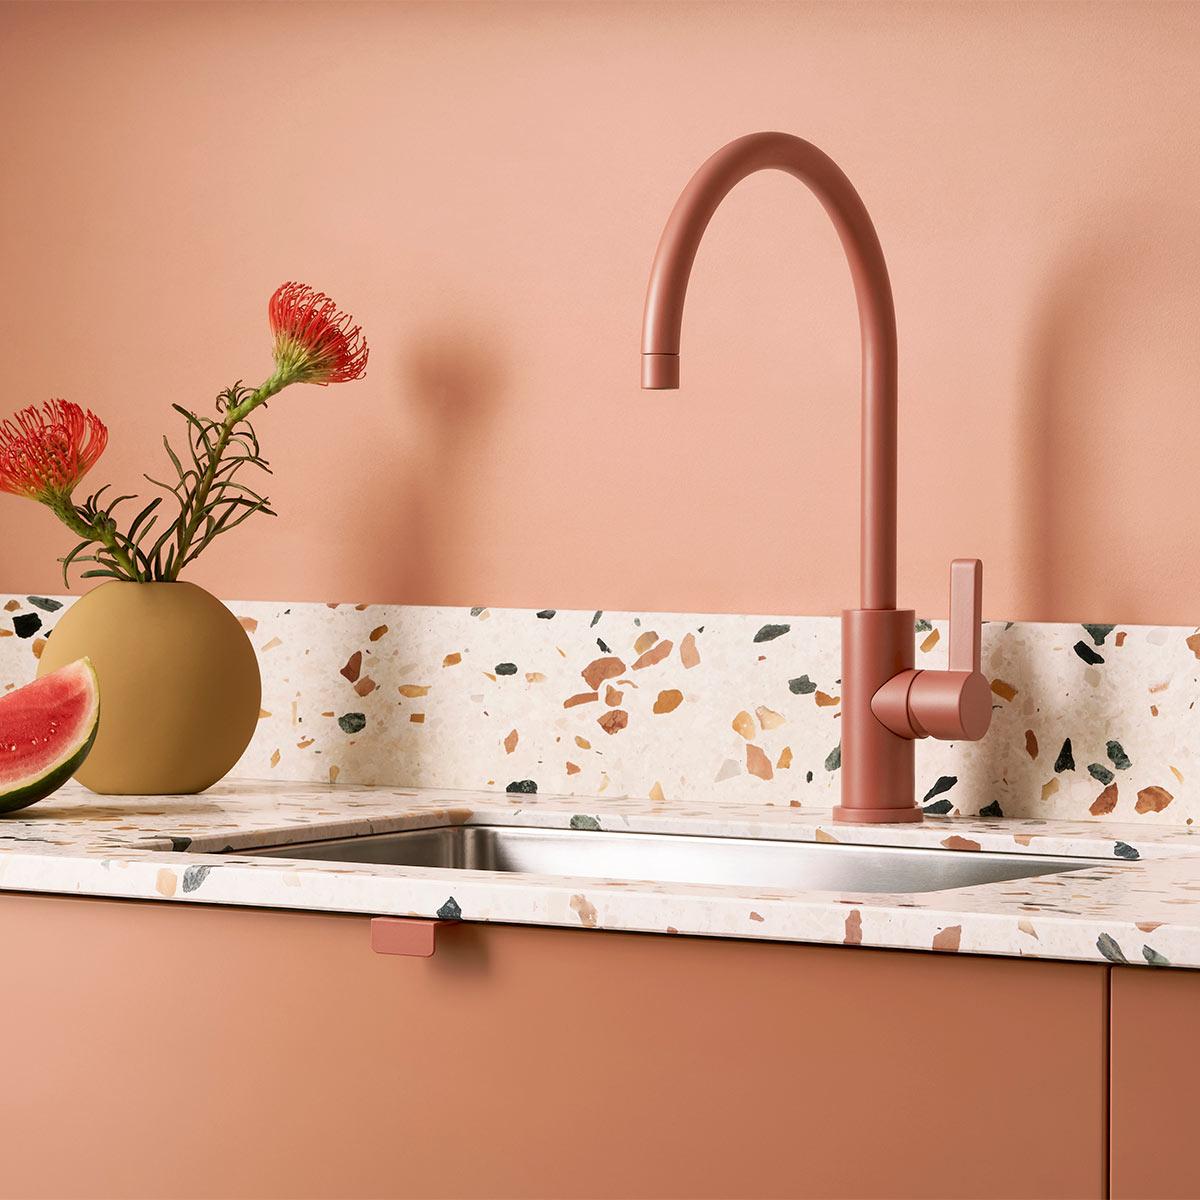 0058 Toniton 03 156 Peach creme terrazzo edge 40 handle original 506203